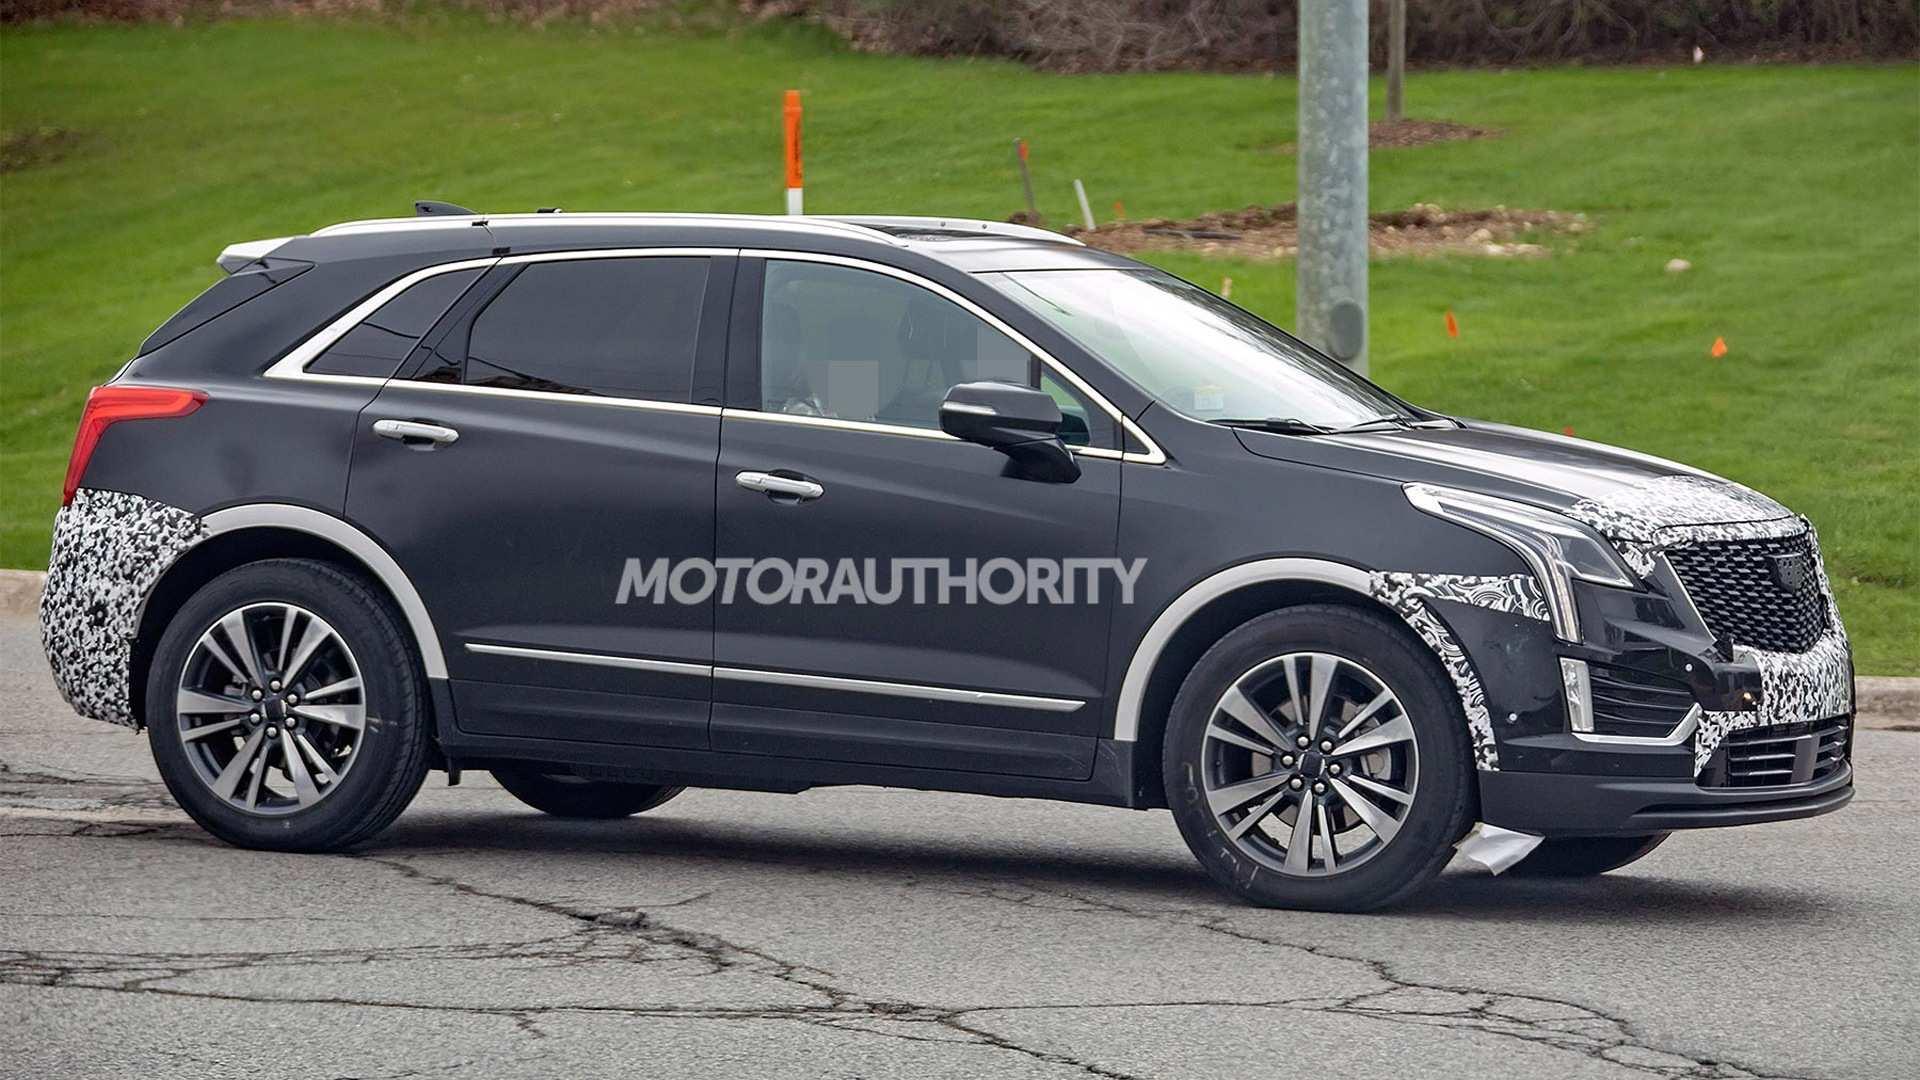 74 New Spy Shots Cadillac Xt5 Picture by Spy Shots Cadillac Xt5